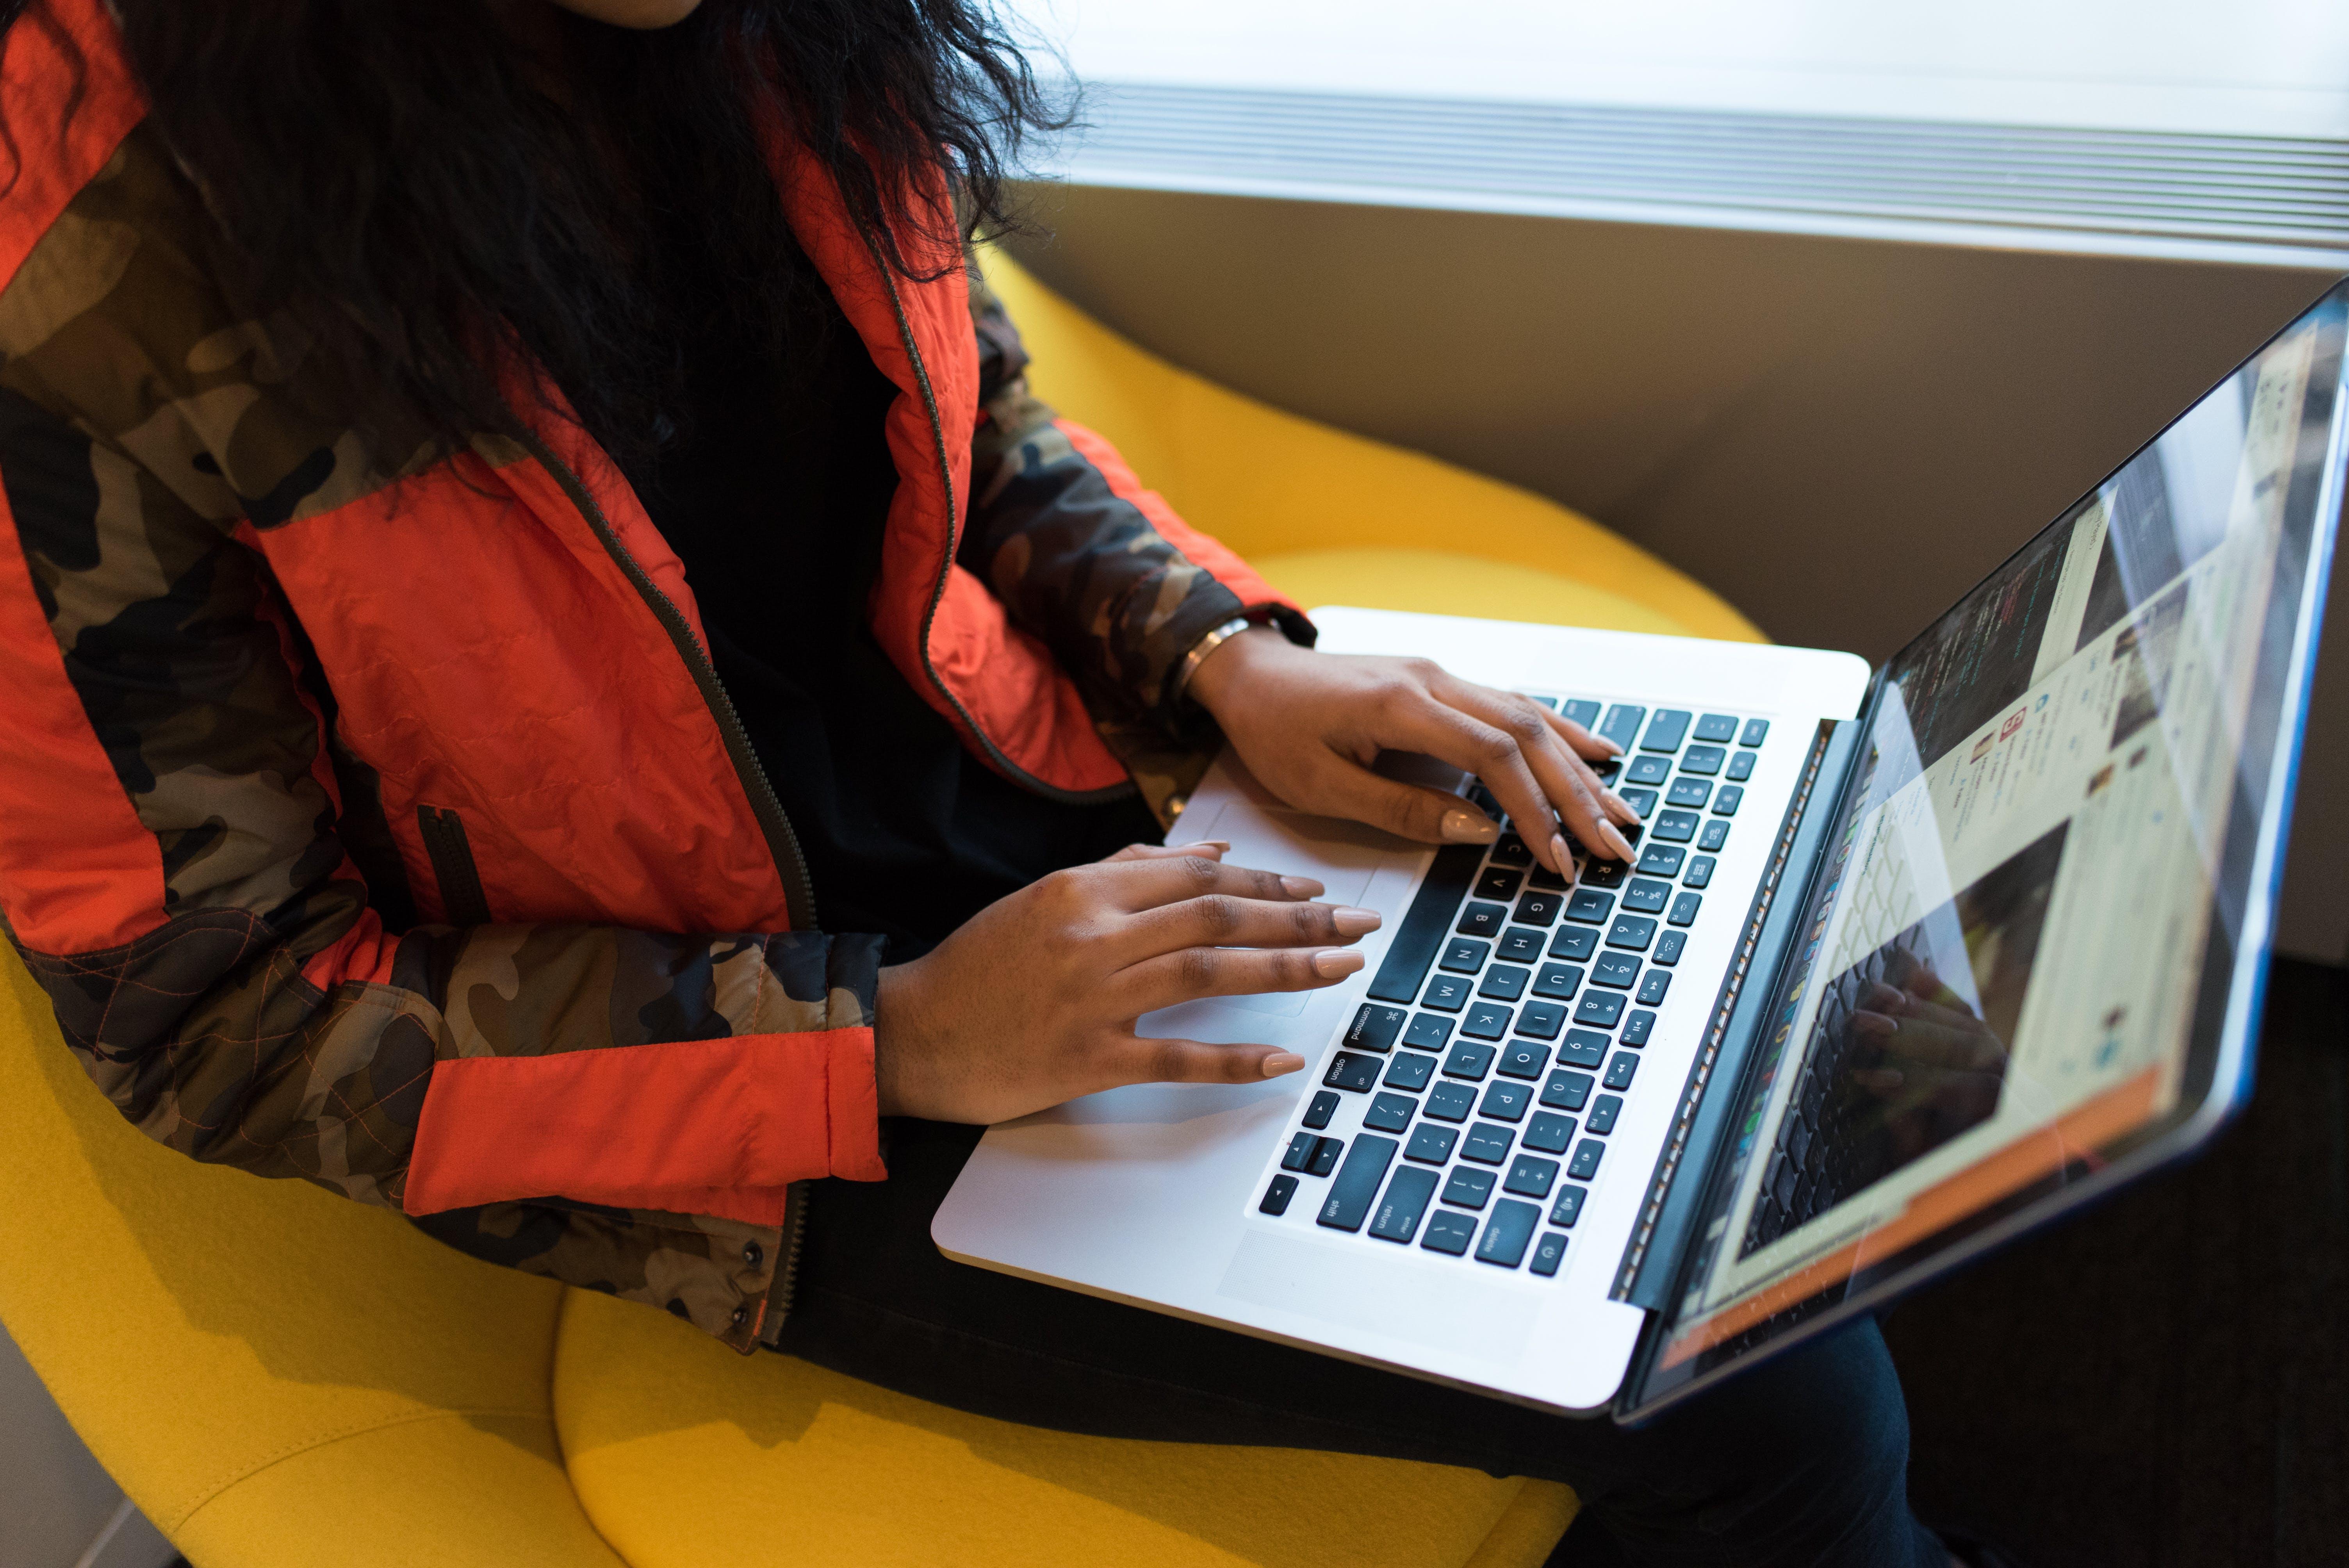 Kostnadsfri bild av arbete, arbetssätt, bärbar dator, inomhus